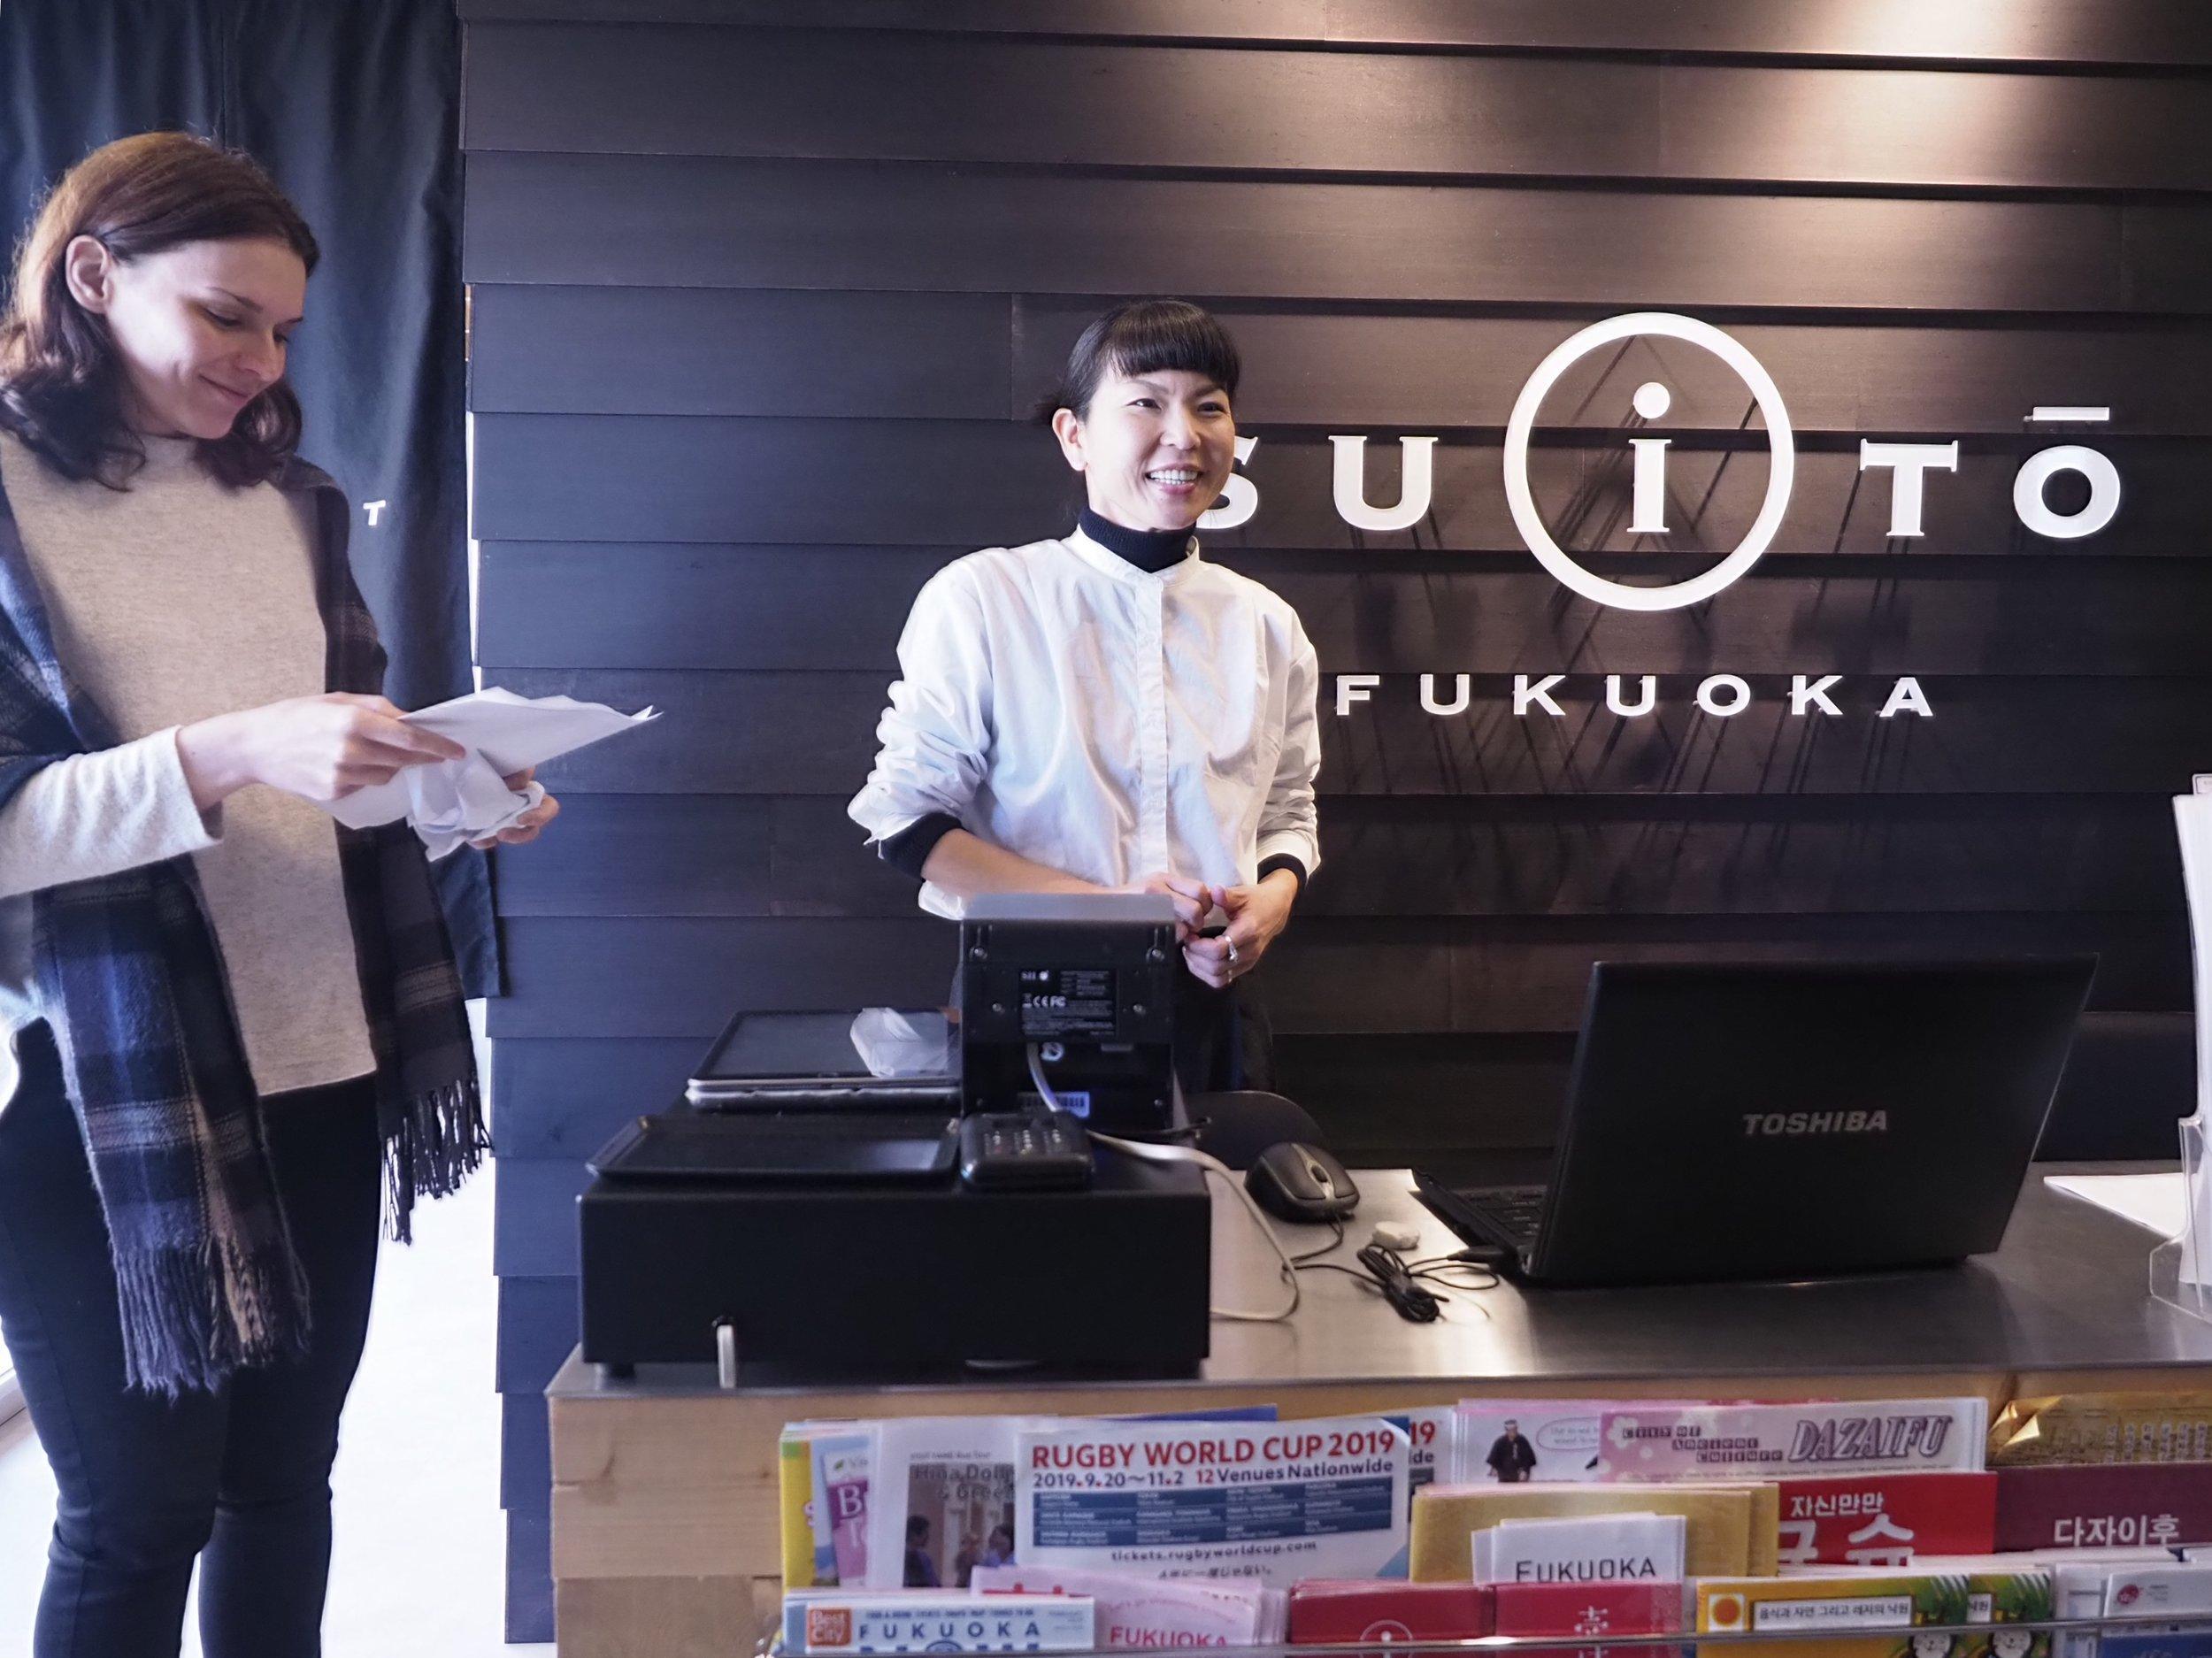 Suito Fukuoka Experience